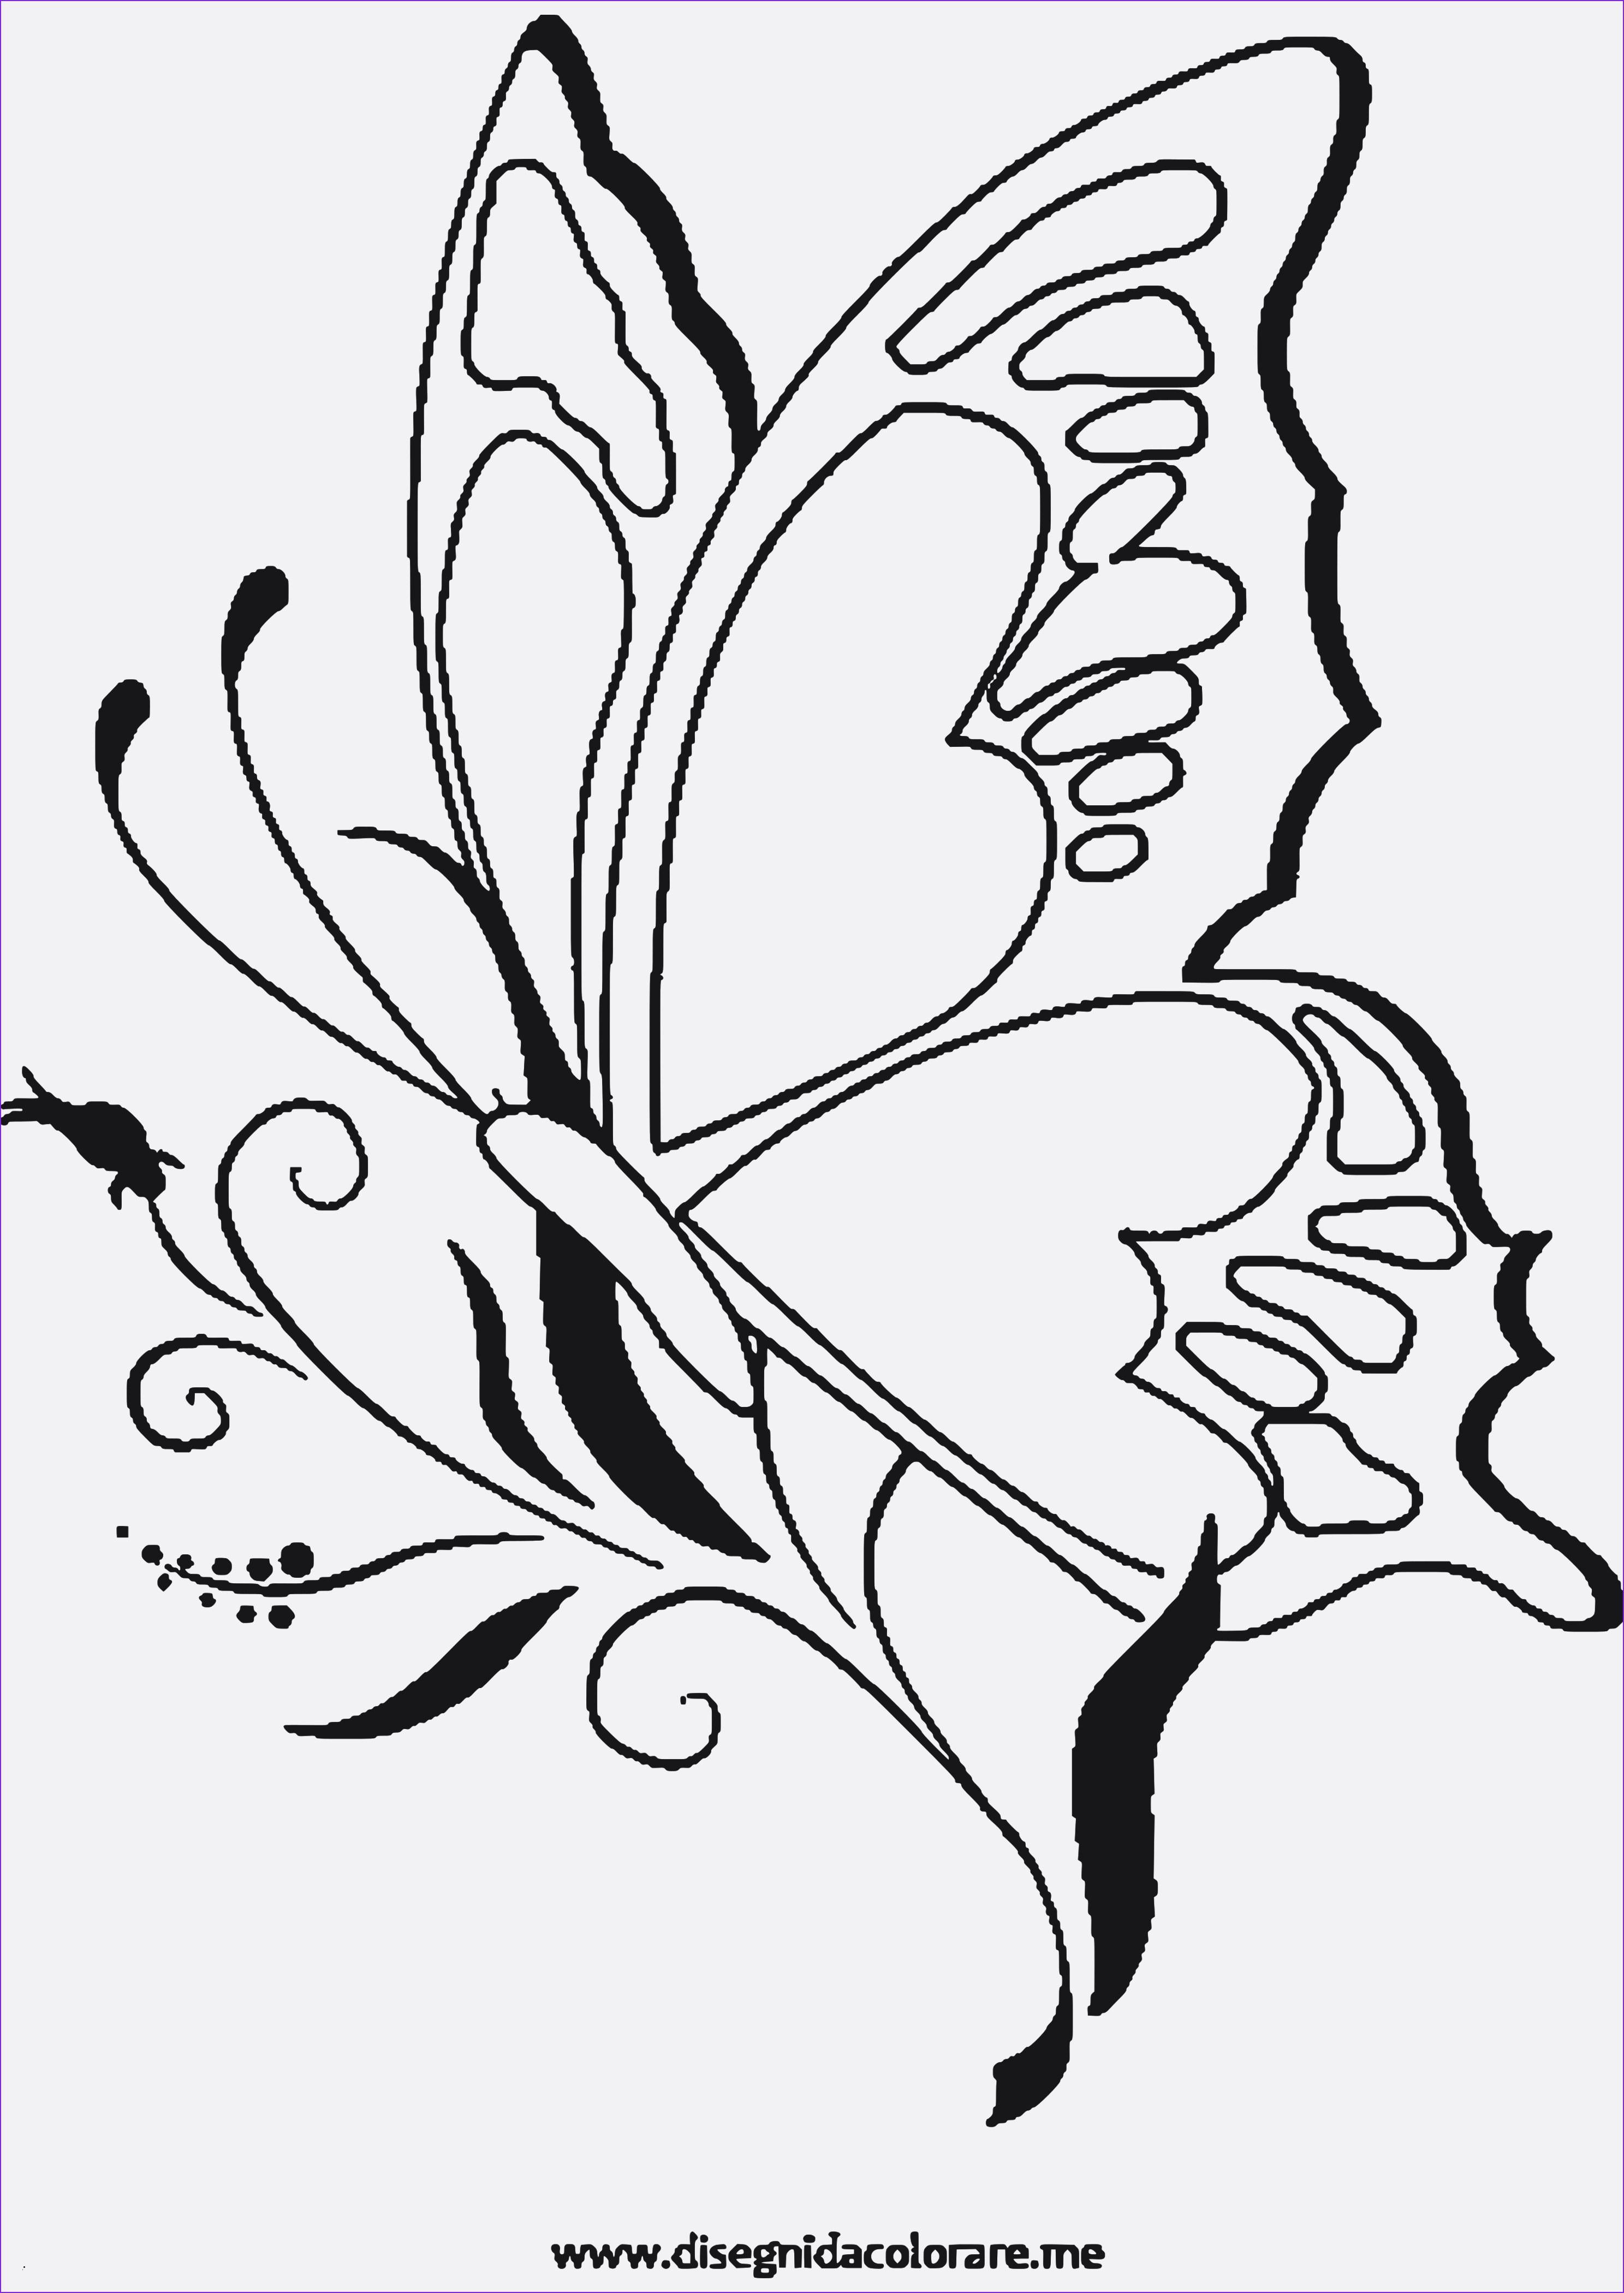 Gruselige Monster Ausmalbilder Inspirierend 48 Idee Malvorlagen Schmetterlinge Treehouse Nyc Sammlung